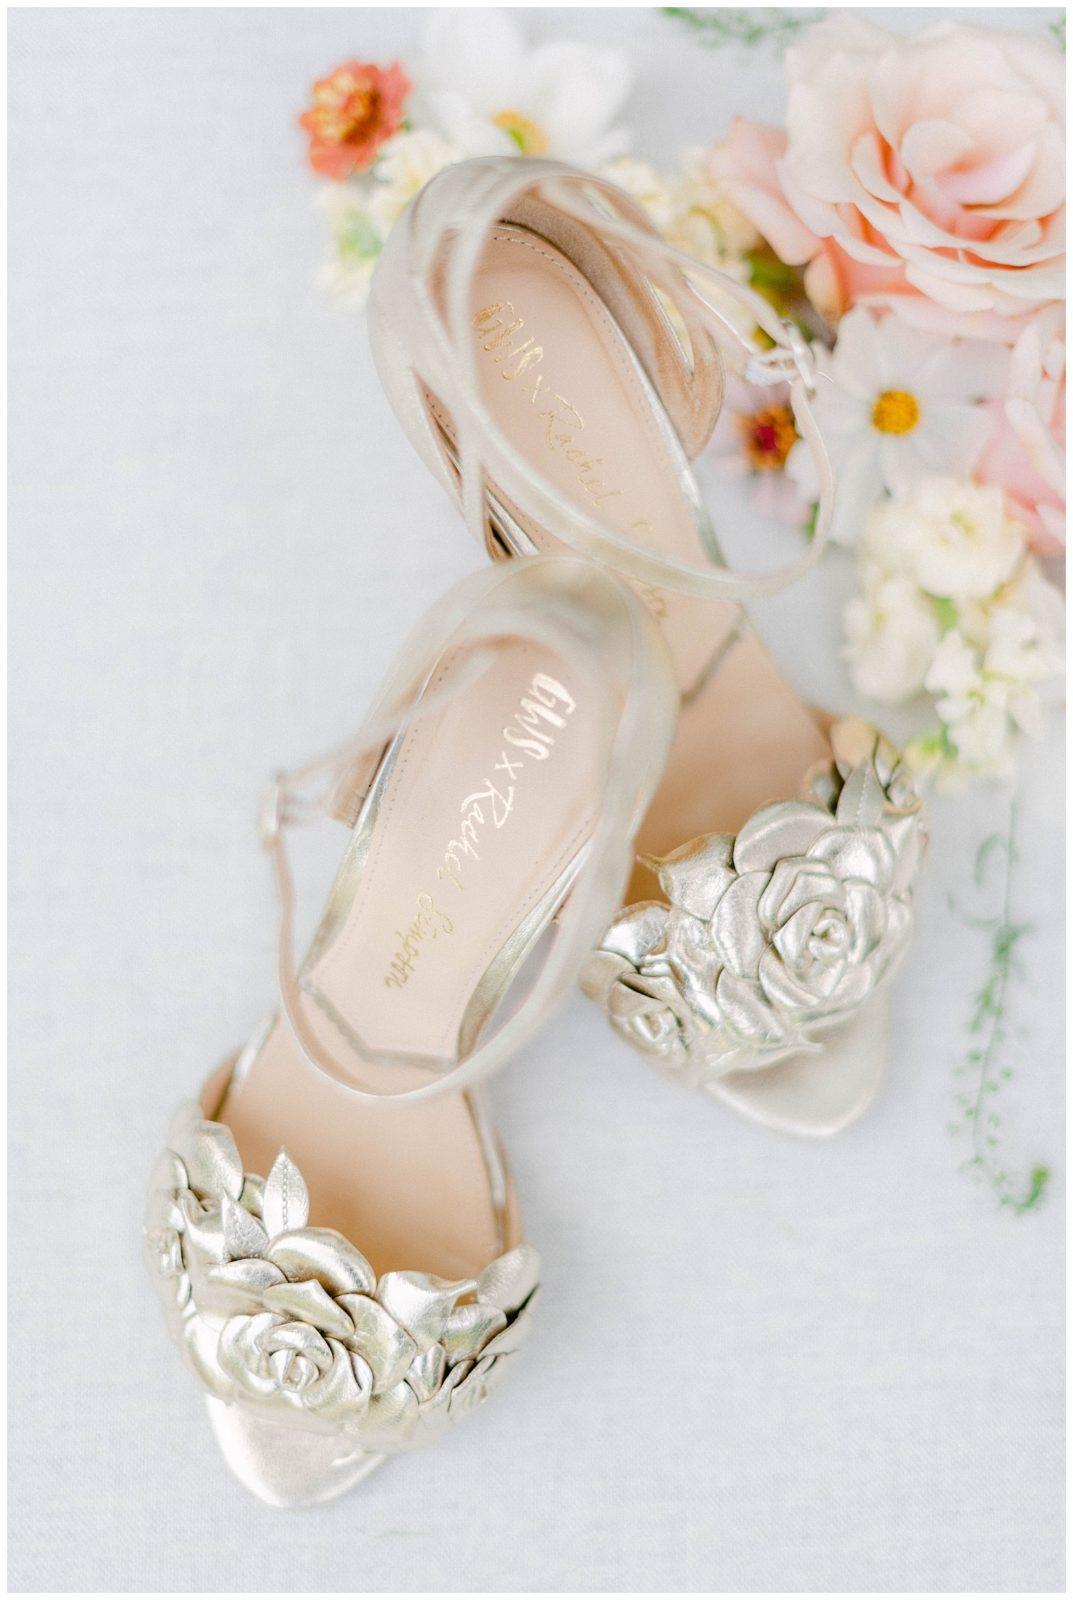 Svadobné topánky nadekorované krásnymi pastelovými kvetmi, fotograf Gabriela Jarkovská.